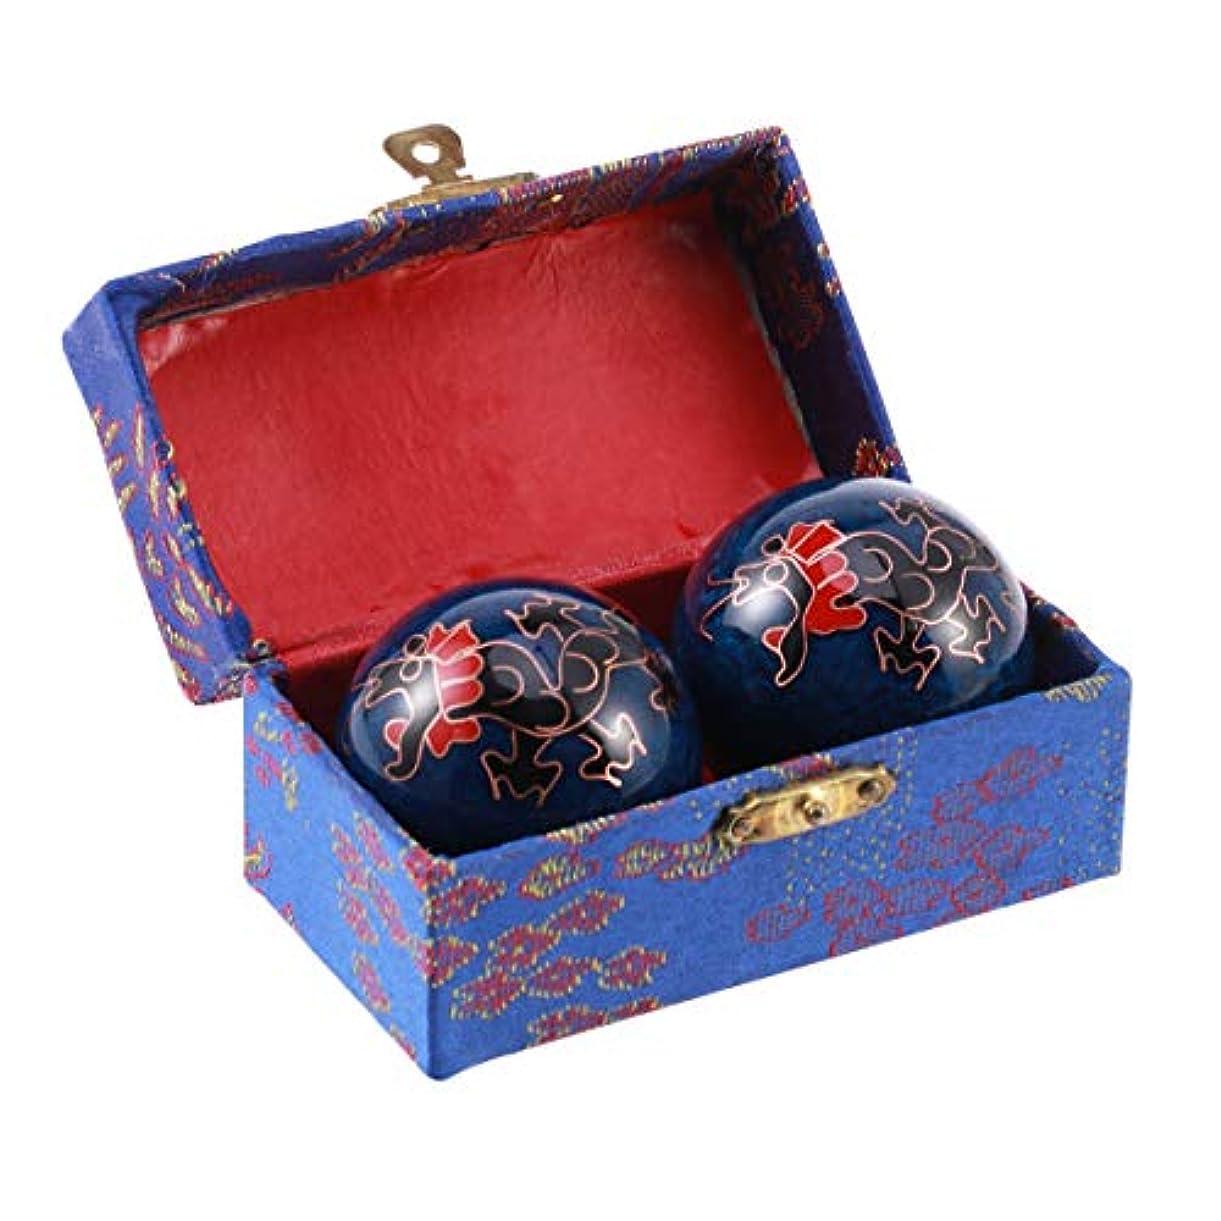 小説文字万歳Healifty 2pcs中国の健康玉はボールを鍛える運動マッサージボールのストレスは、ハンドセラピーのストレスリリーフ(ブラックドラゴンズとフェニックス)のハンドエクササイズセラピーボールを解放します。